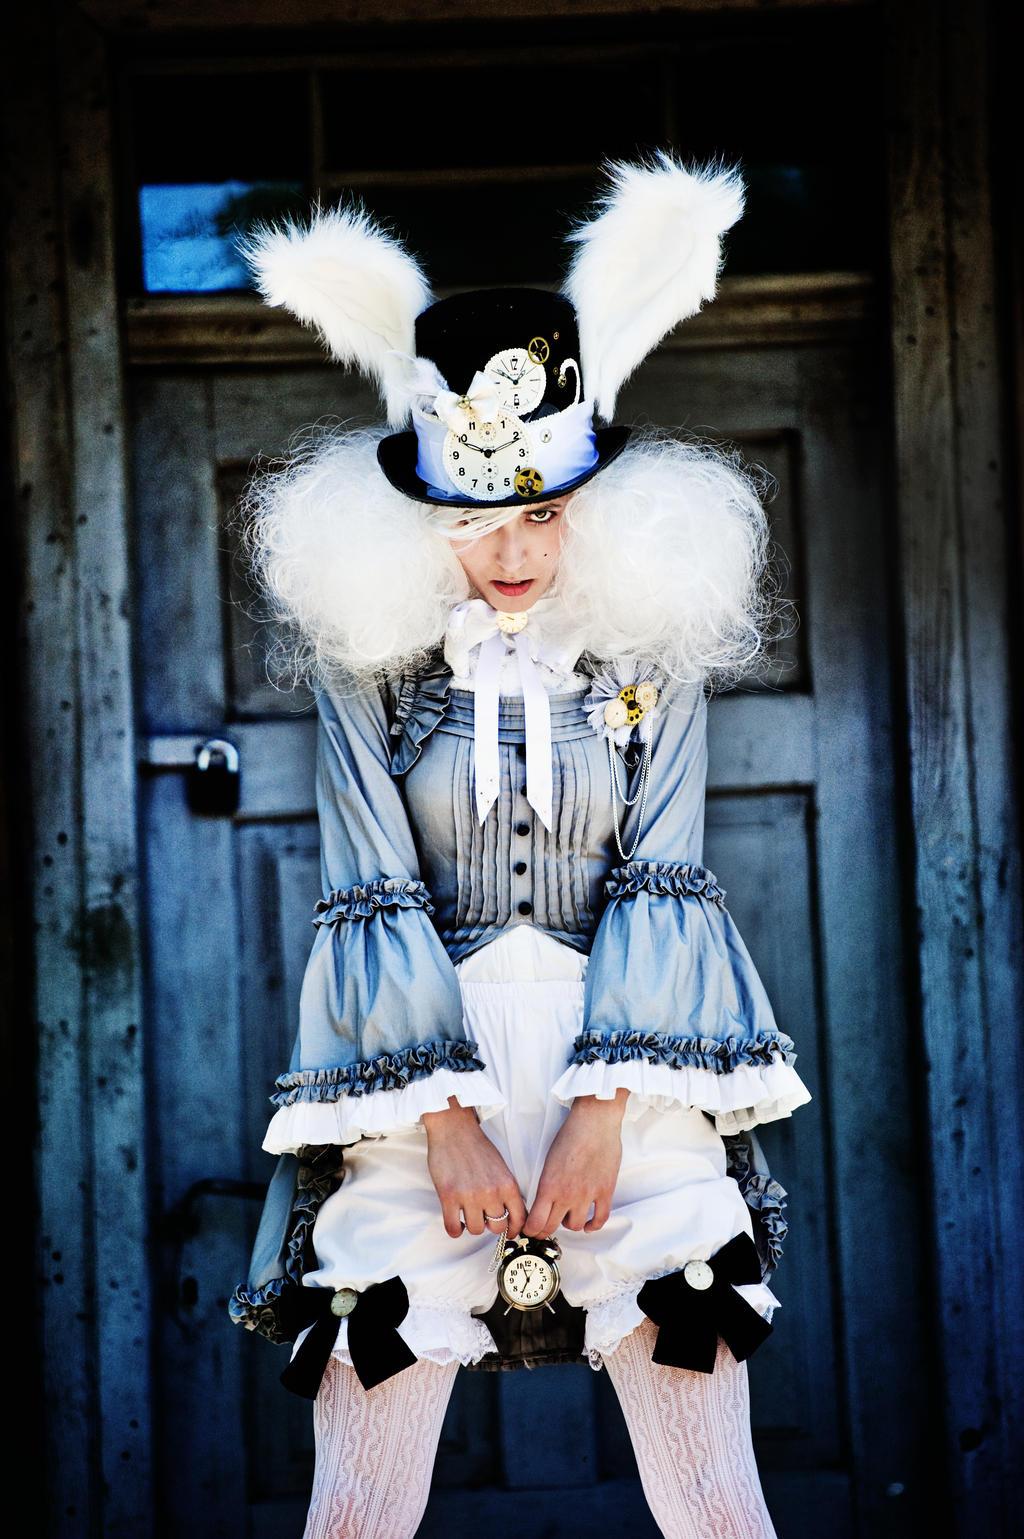 White Rabbit by LionsWandcraft White Rabbit by LionsWandcraft & White Rabbit by LionsWandcraft on DeviantArt